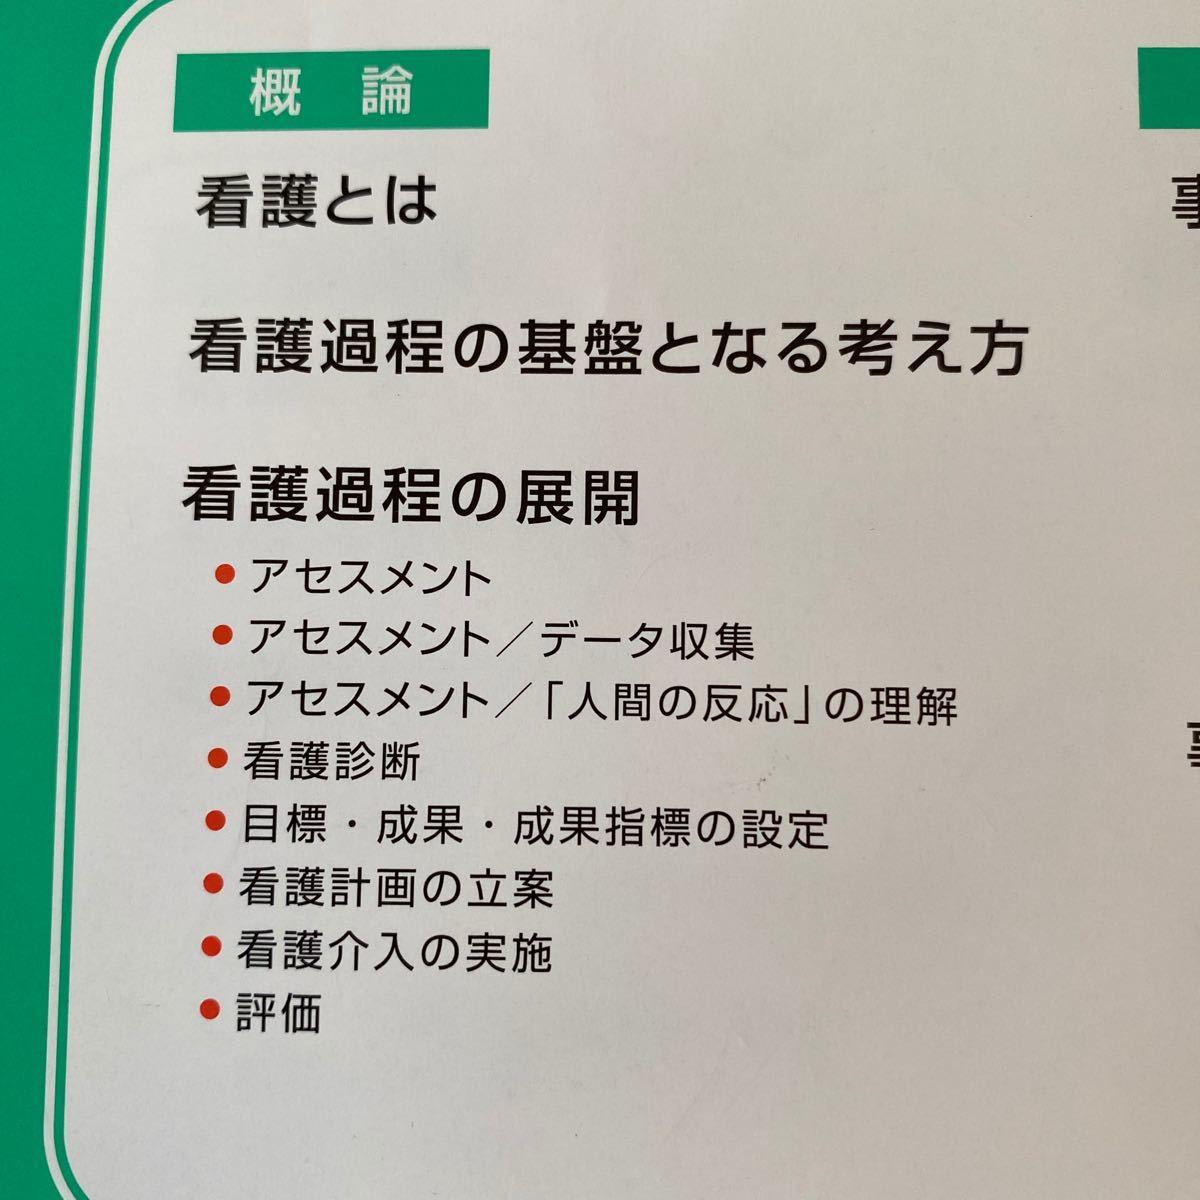 看護がみえる vol.4/医療情報科学研究所 看護過程の展開